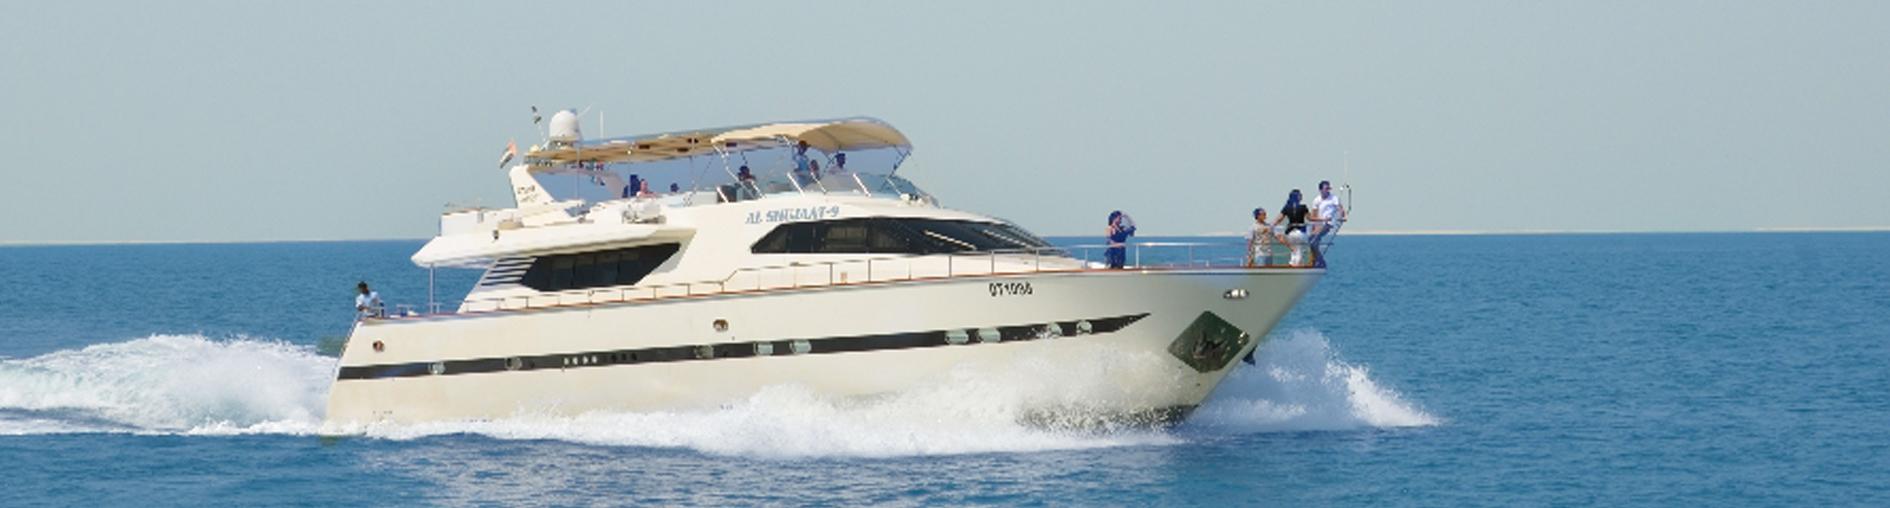 http://www.cruiseindubai.com/wp-content/uploads/2013/12/32.jpg